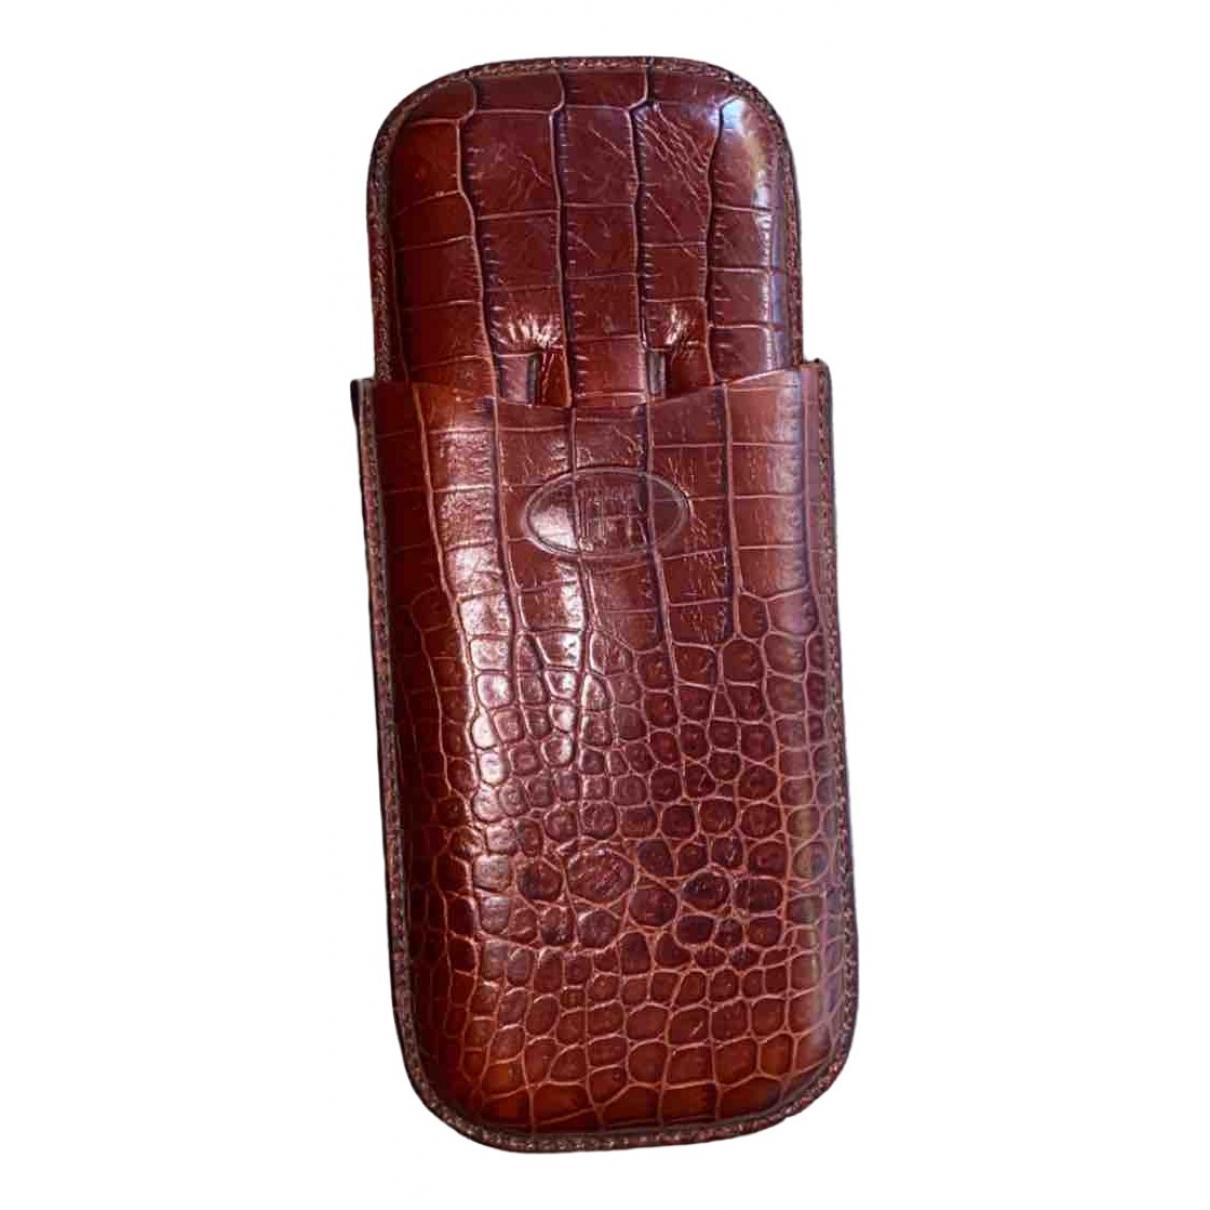 Alfred Dunhill - Objets & Deco   pour lifestyle en crocodile - marron